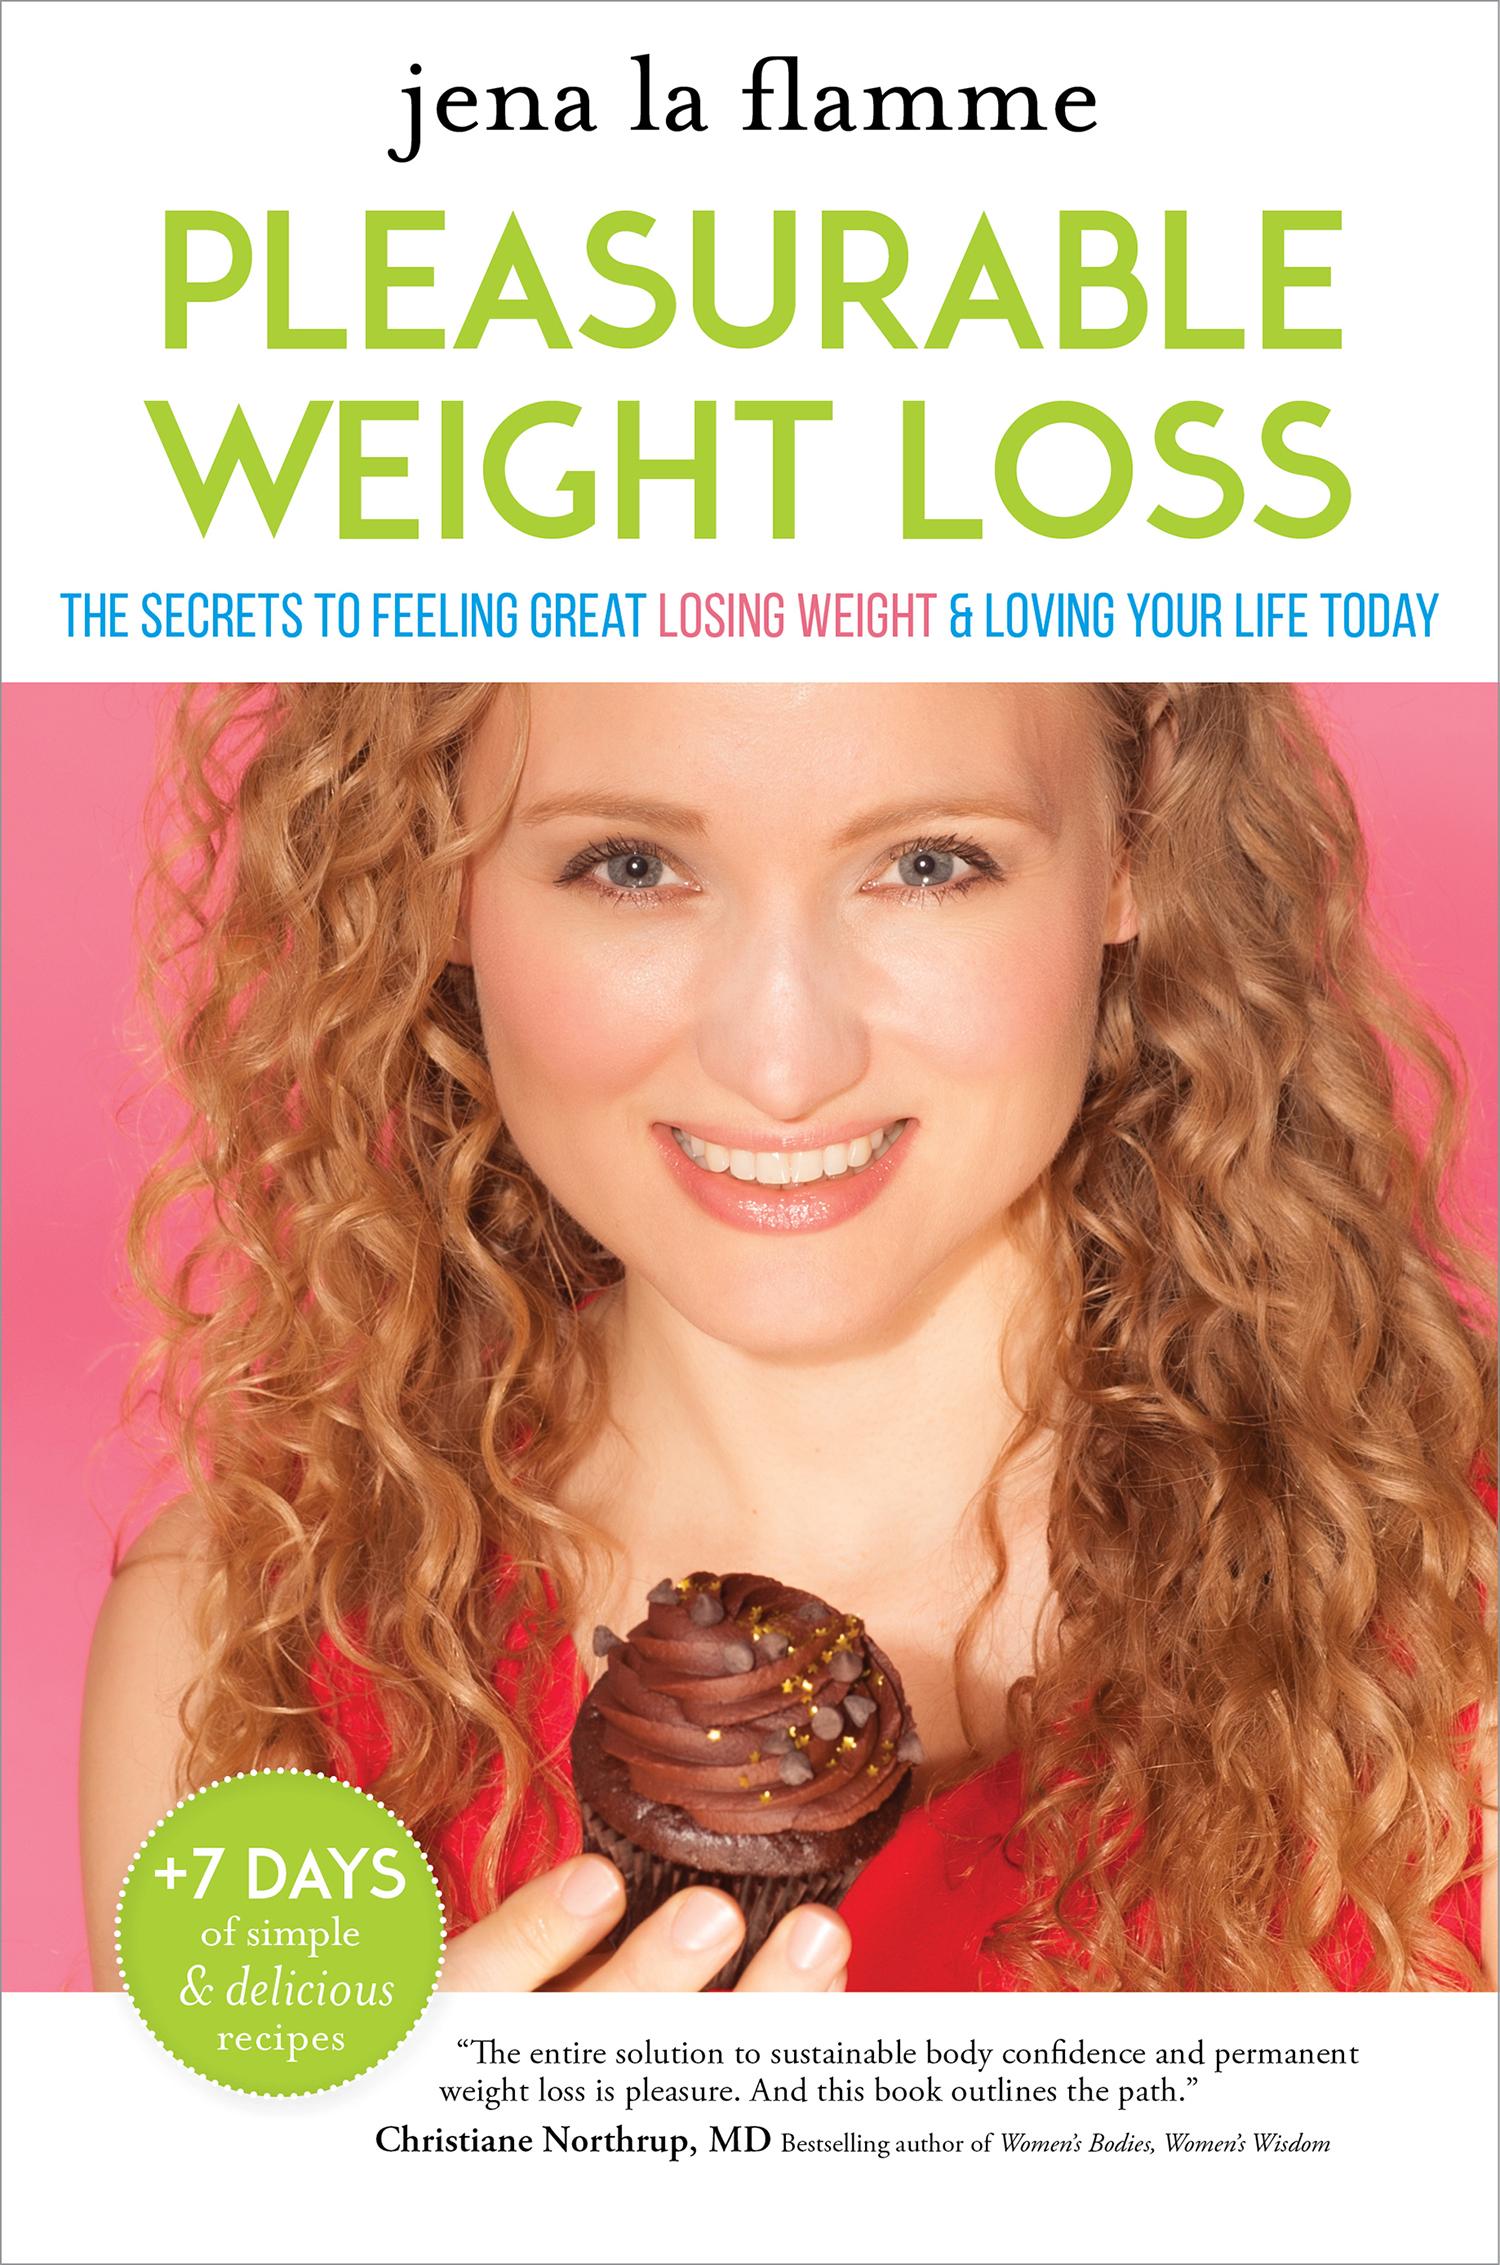 Pleasurable Weight Loss by Jena La Flamme